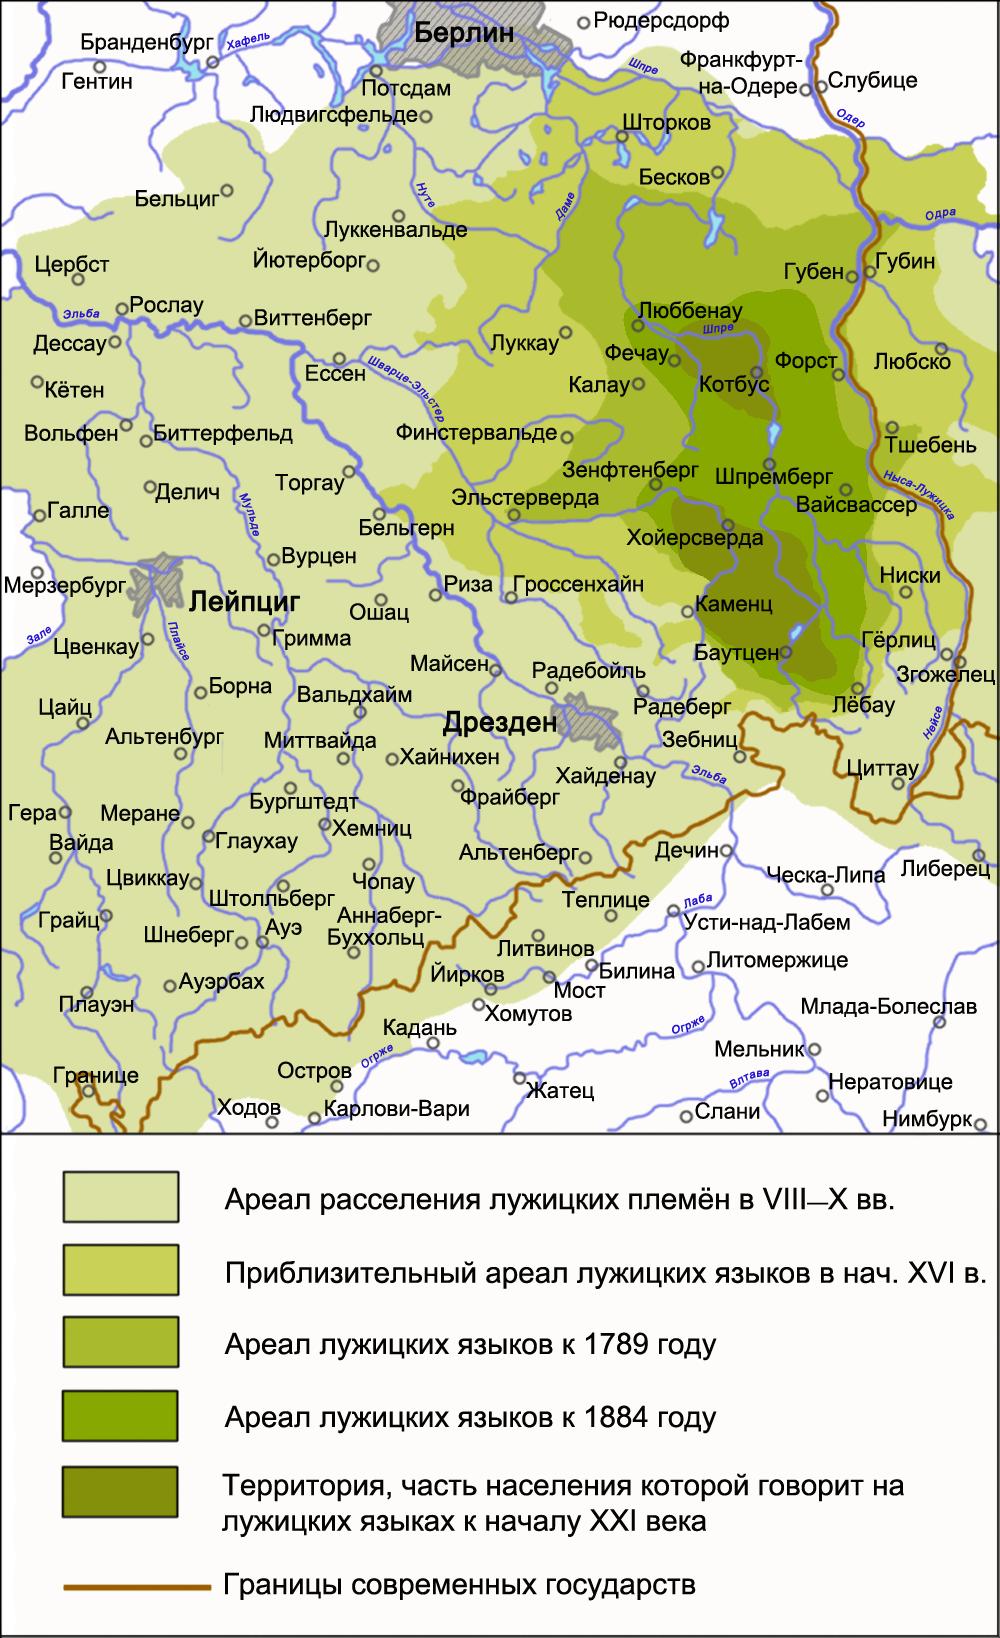 Сокращение серболужицкого языкового ареала